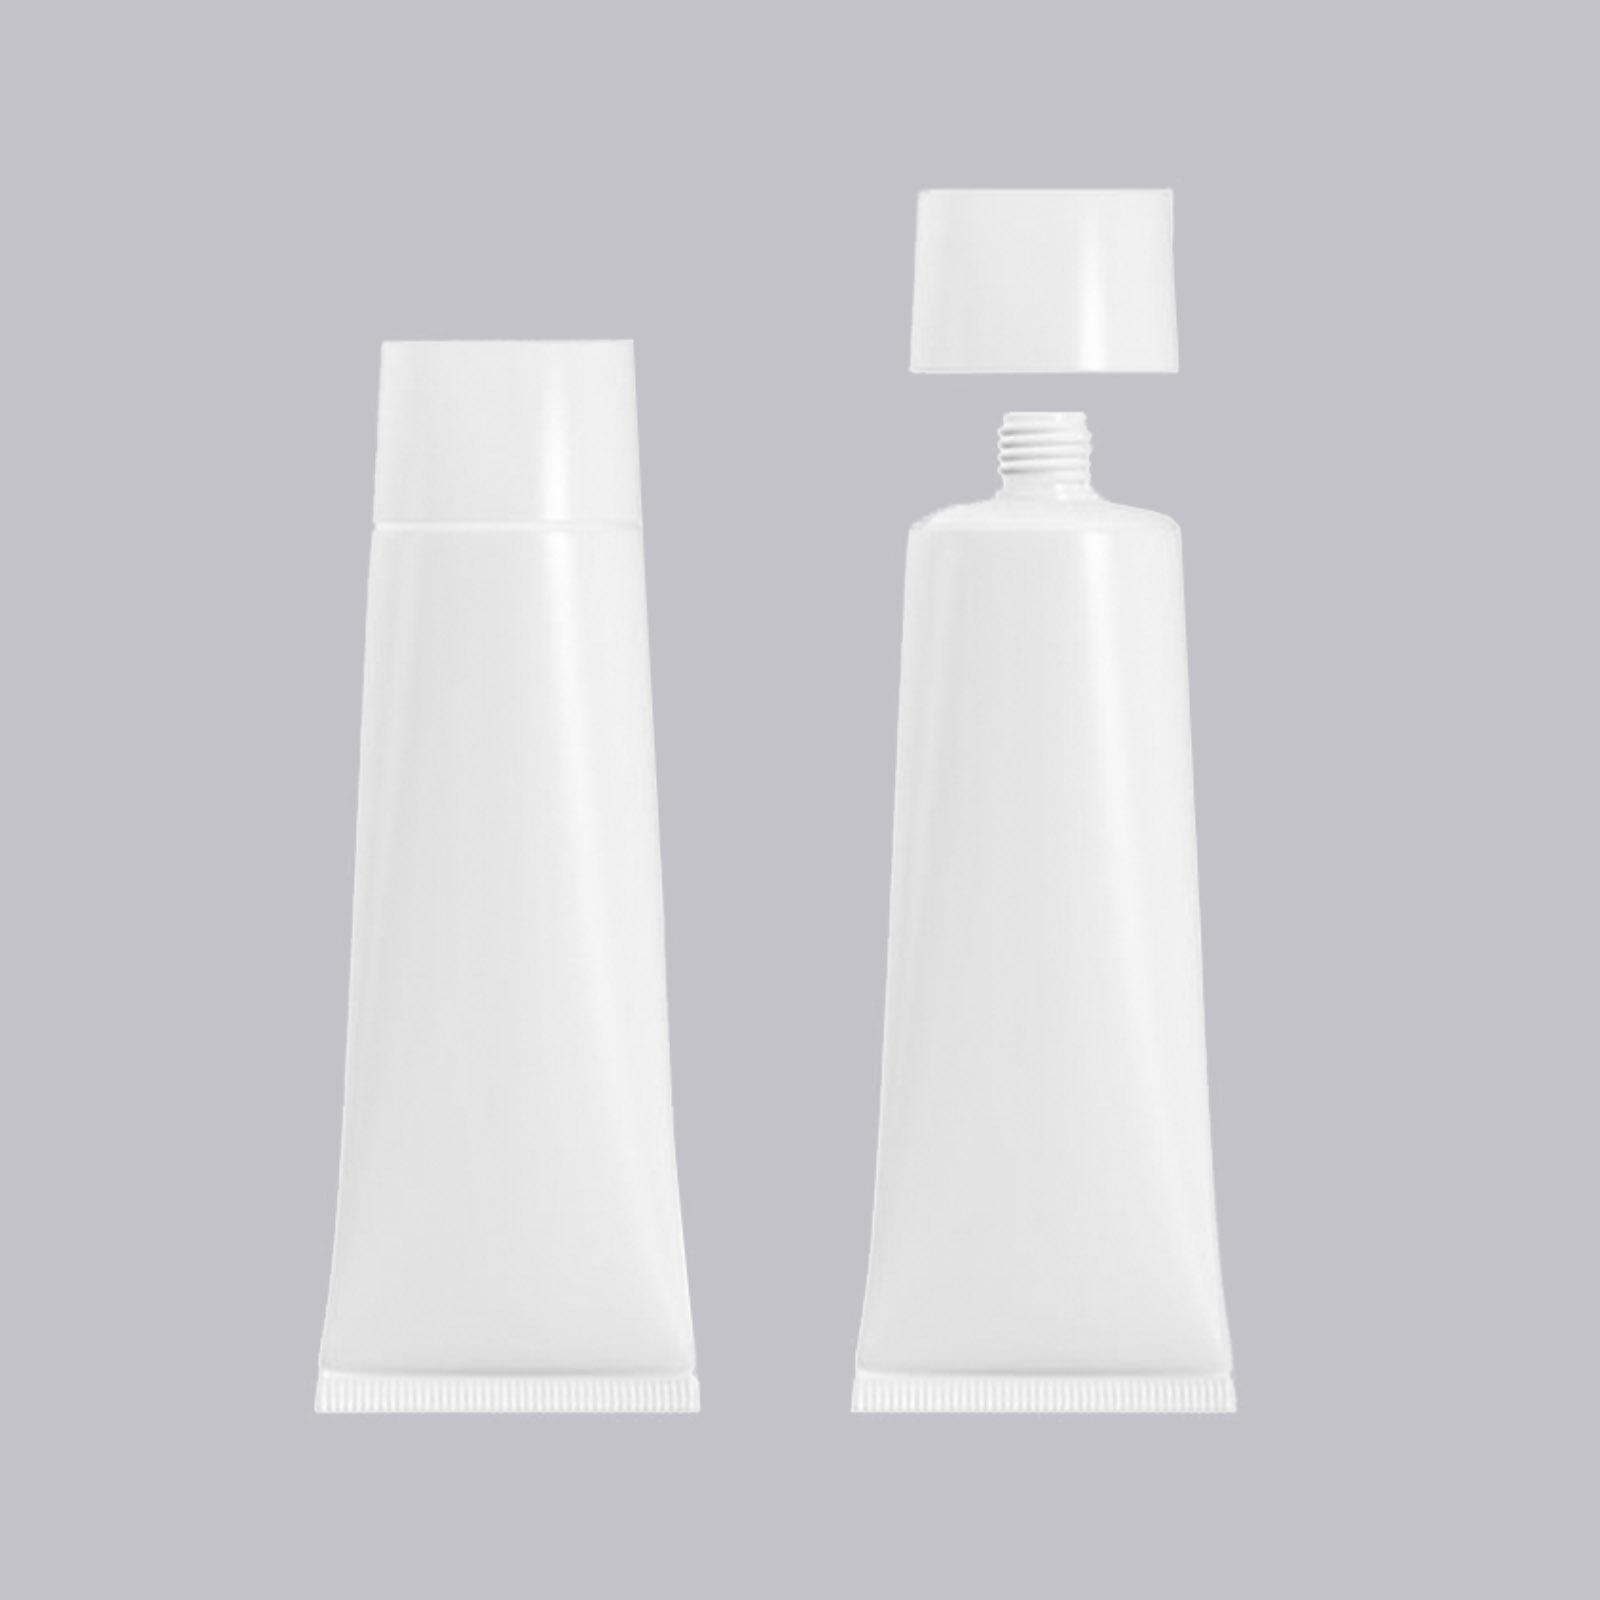 注塑级级降解材料应用-牙膏瓶